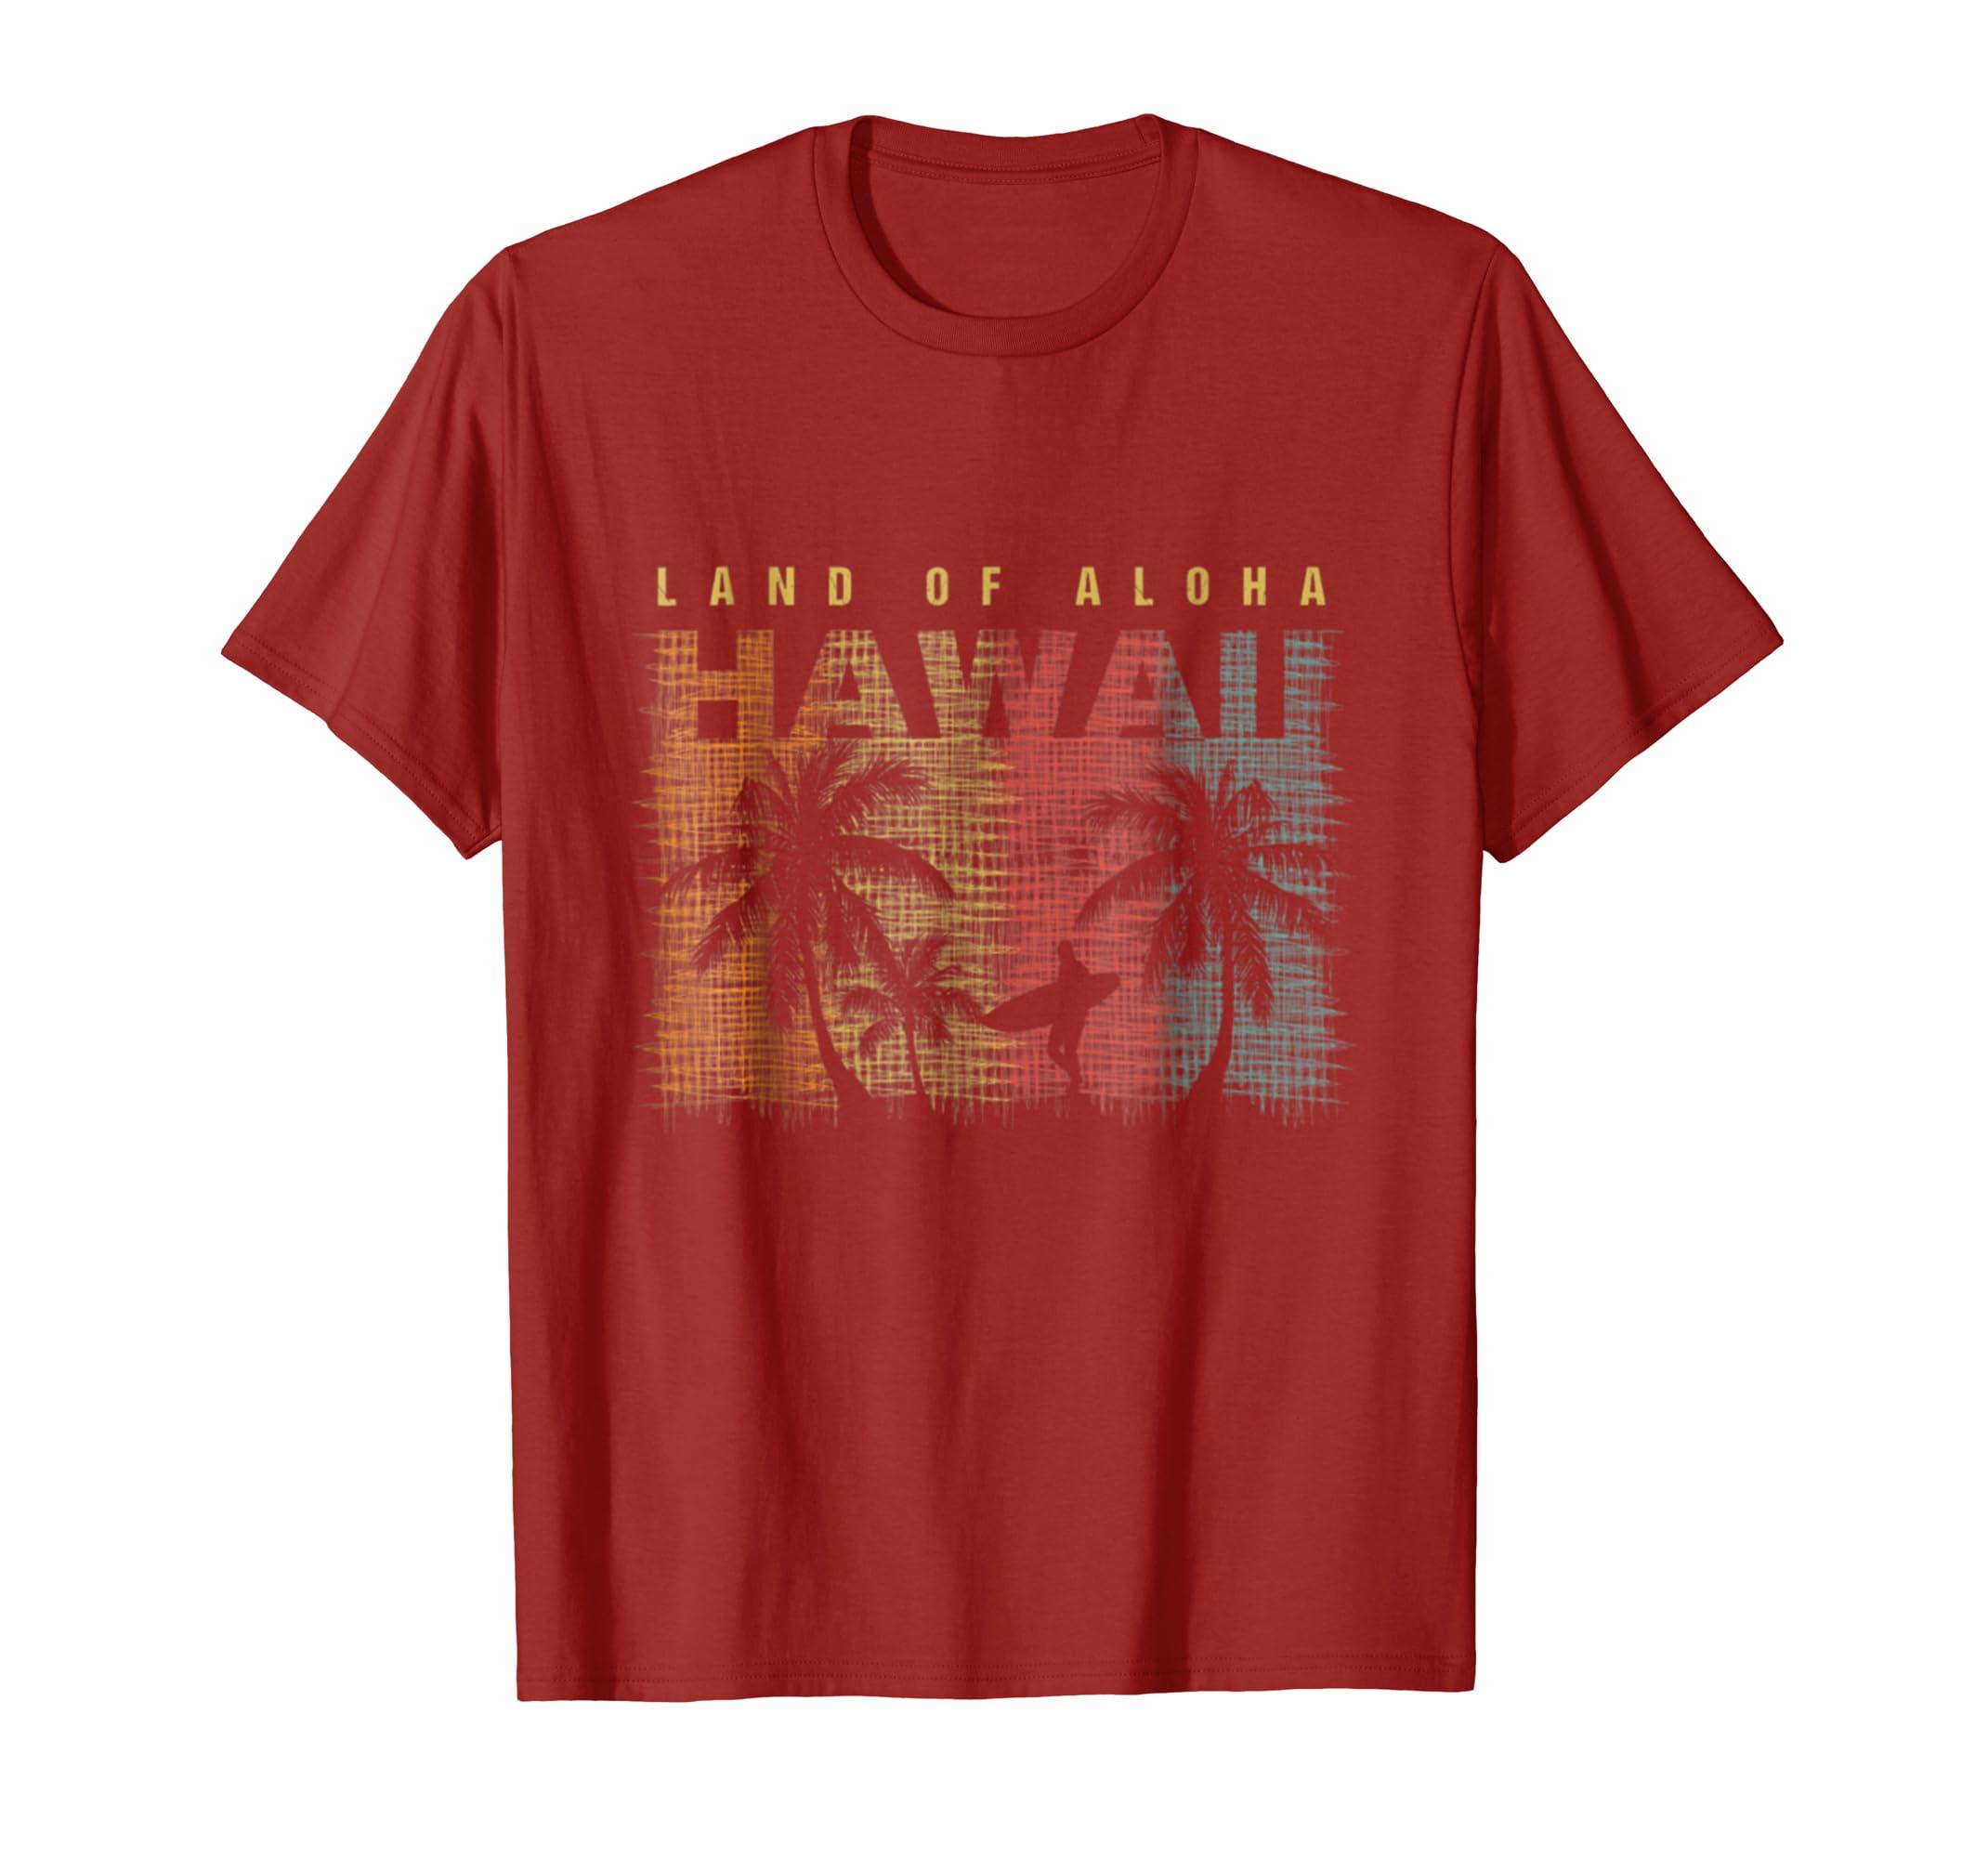 decb43ef Amazon.com: Vintage Hawaiian Islands Tee Hawaii Aloha State T-Shirt:  Clothing